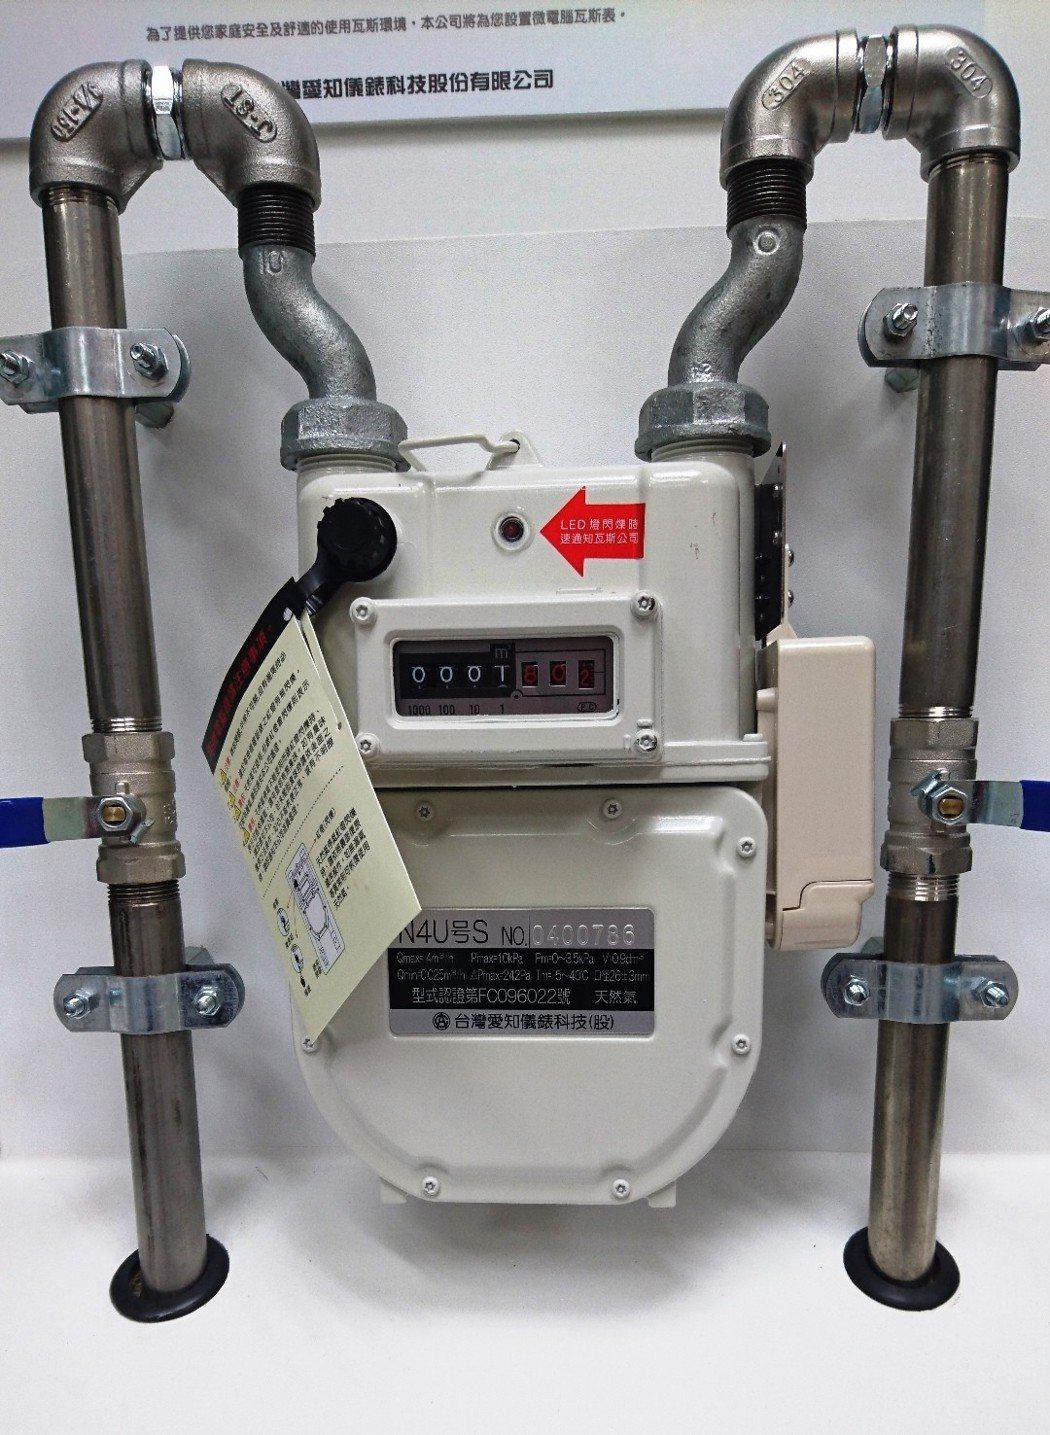 微電腦瓦斯表具有自動遮斷功能,可防止天然氣外洩引發災害。圖/產發局提供